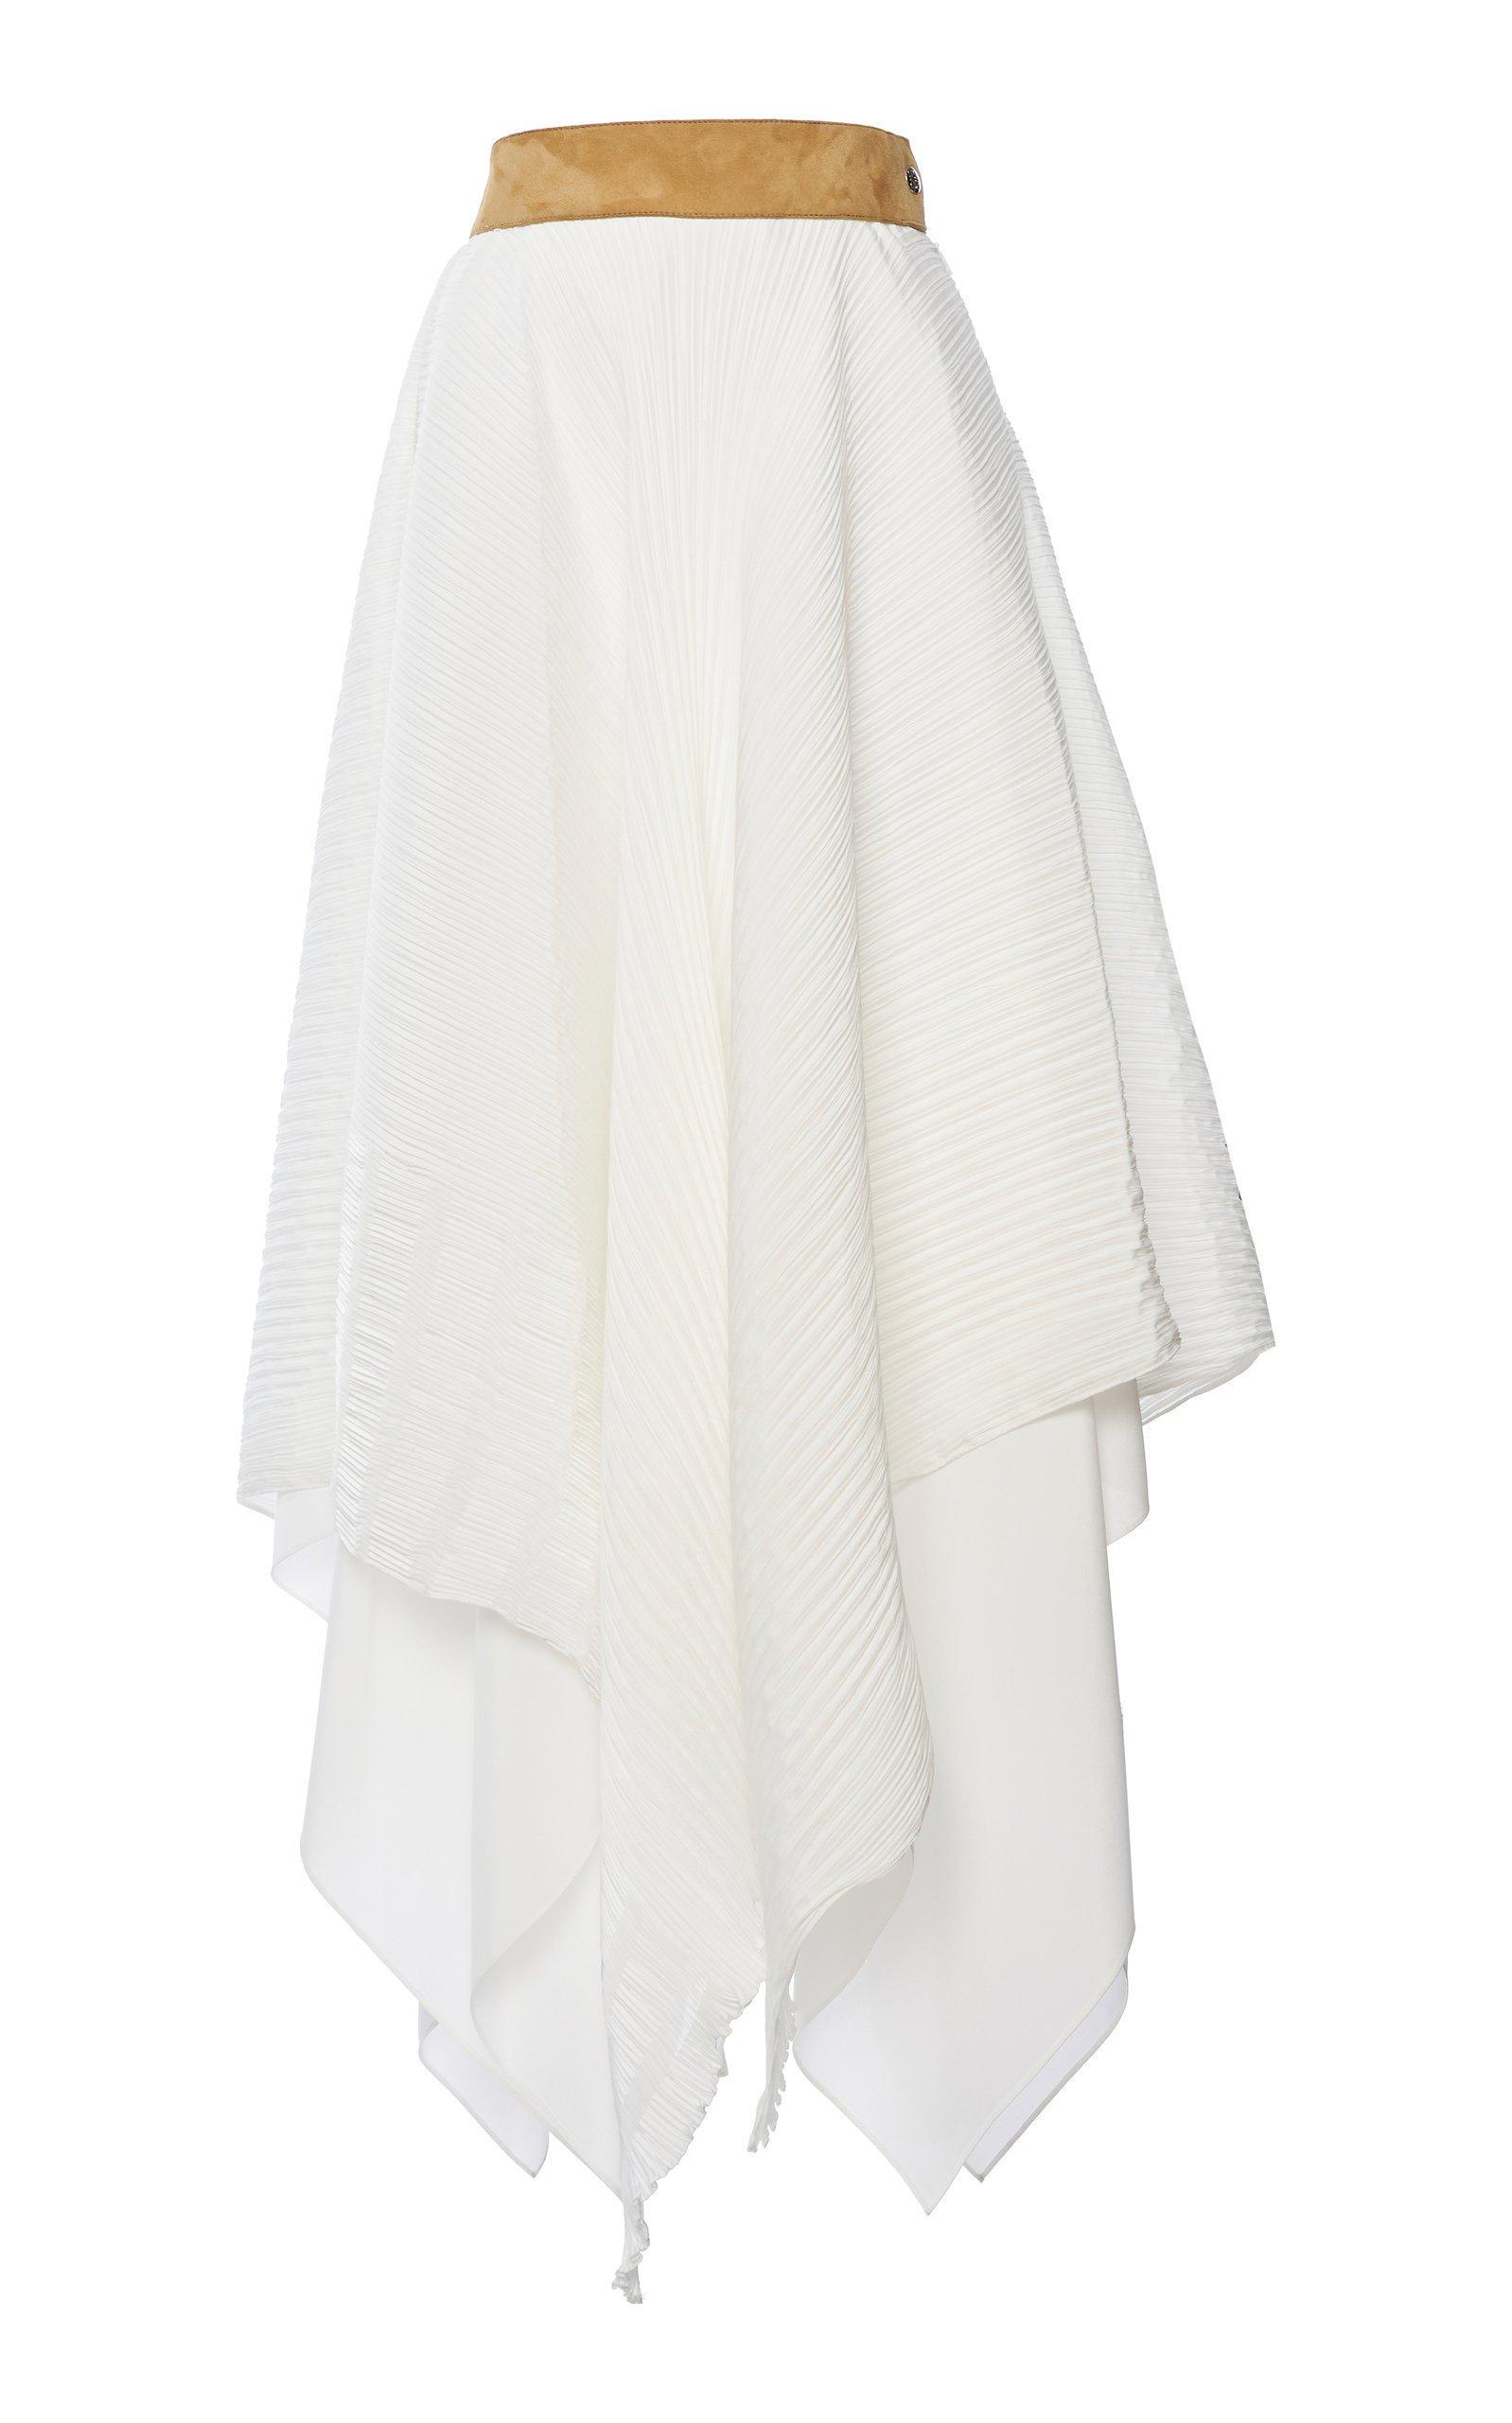 Loewe Plissé Asymmetric Skirt Size: 38